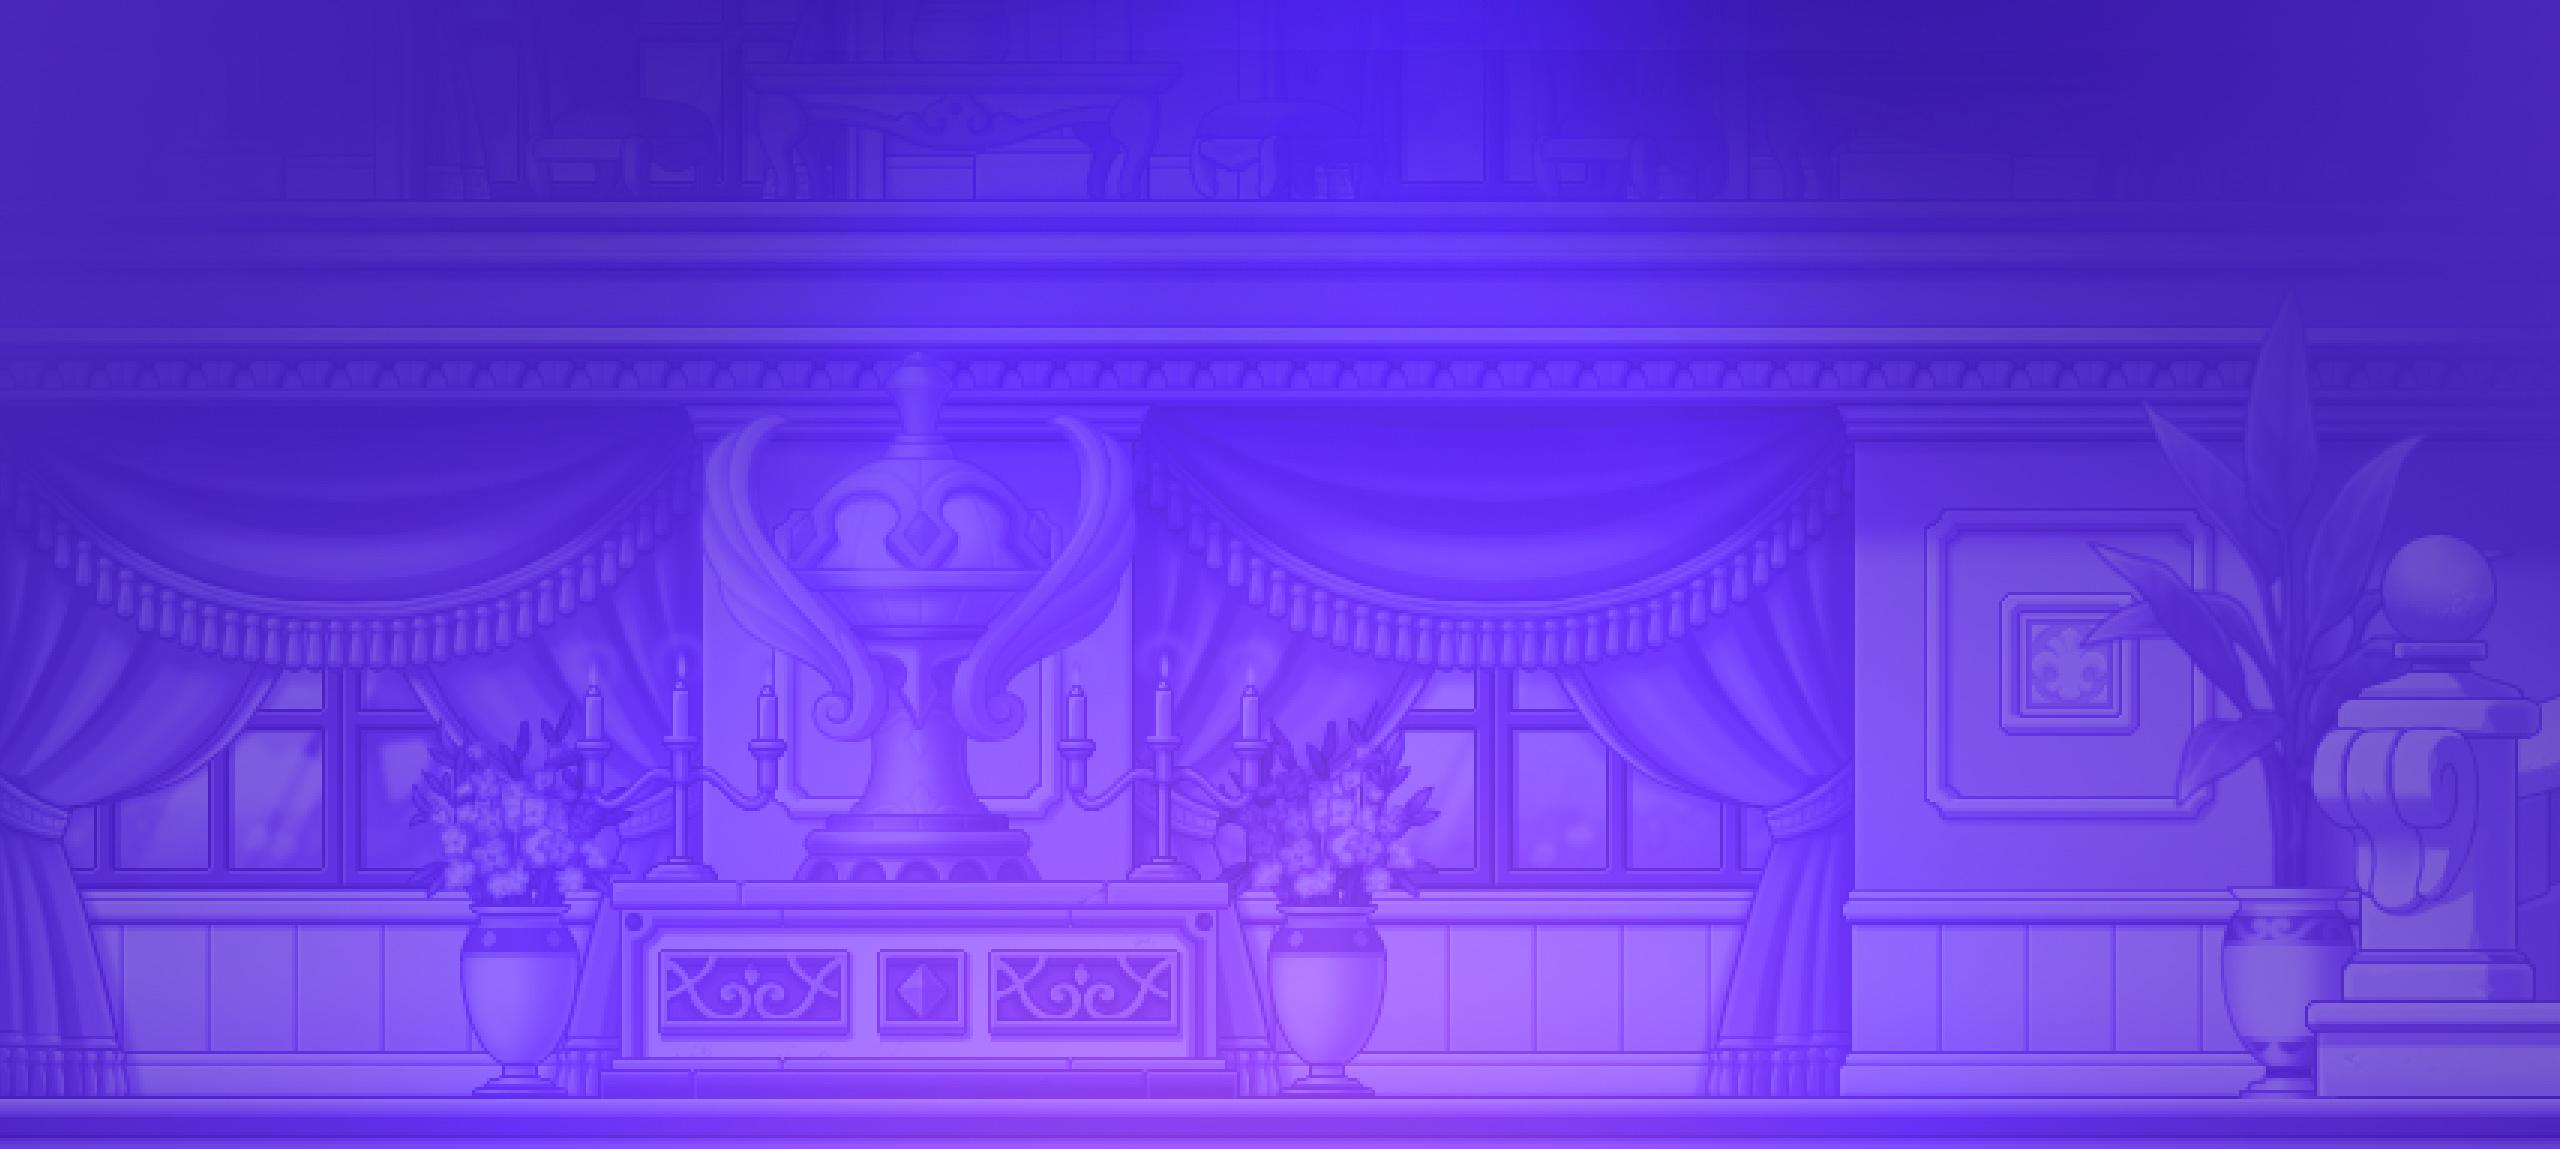 若您有遊戲系統內或帳號問題可回報Max。<br>Mac版、活動相關與遊戲建議可聯絡Venus。